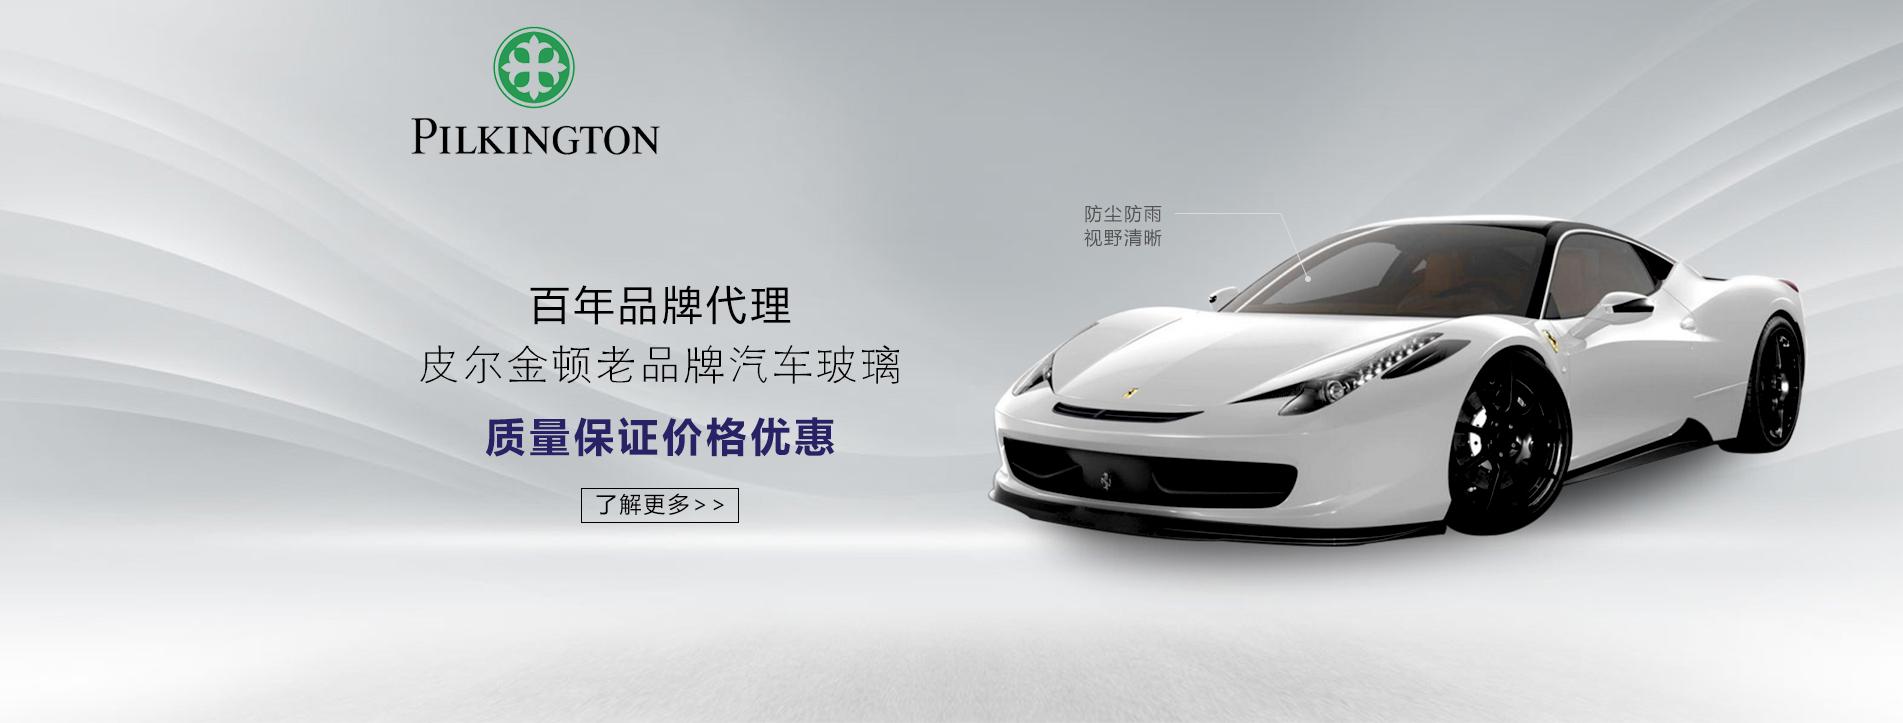 沈阳鑫佑康汽车玻璃公司用品质服务来回报每一位客户